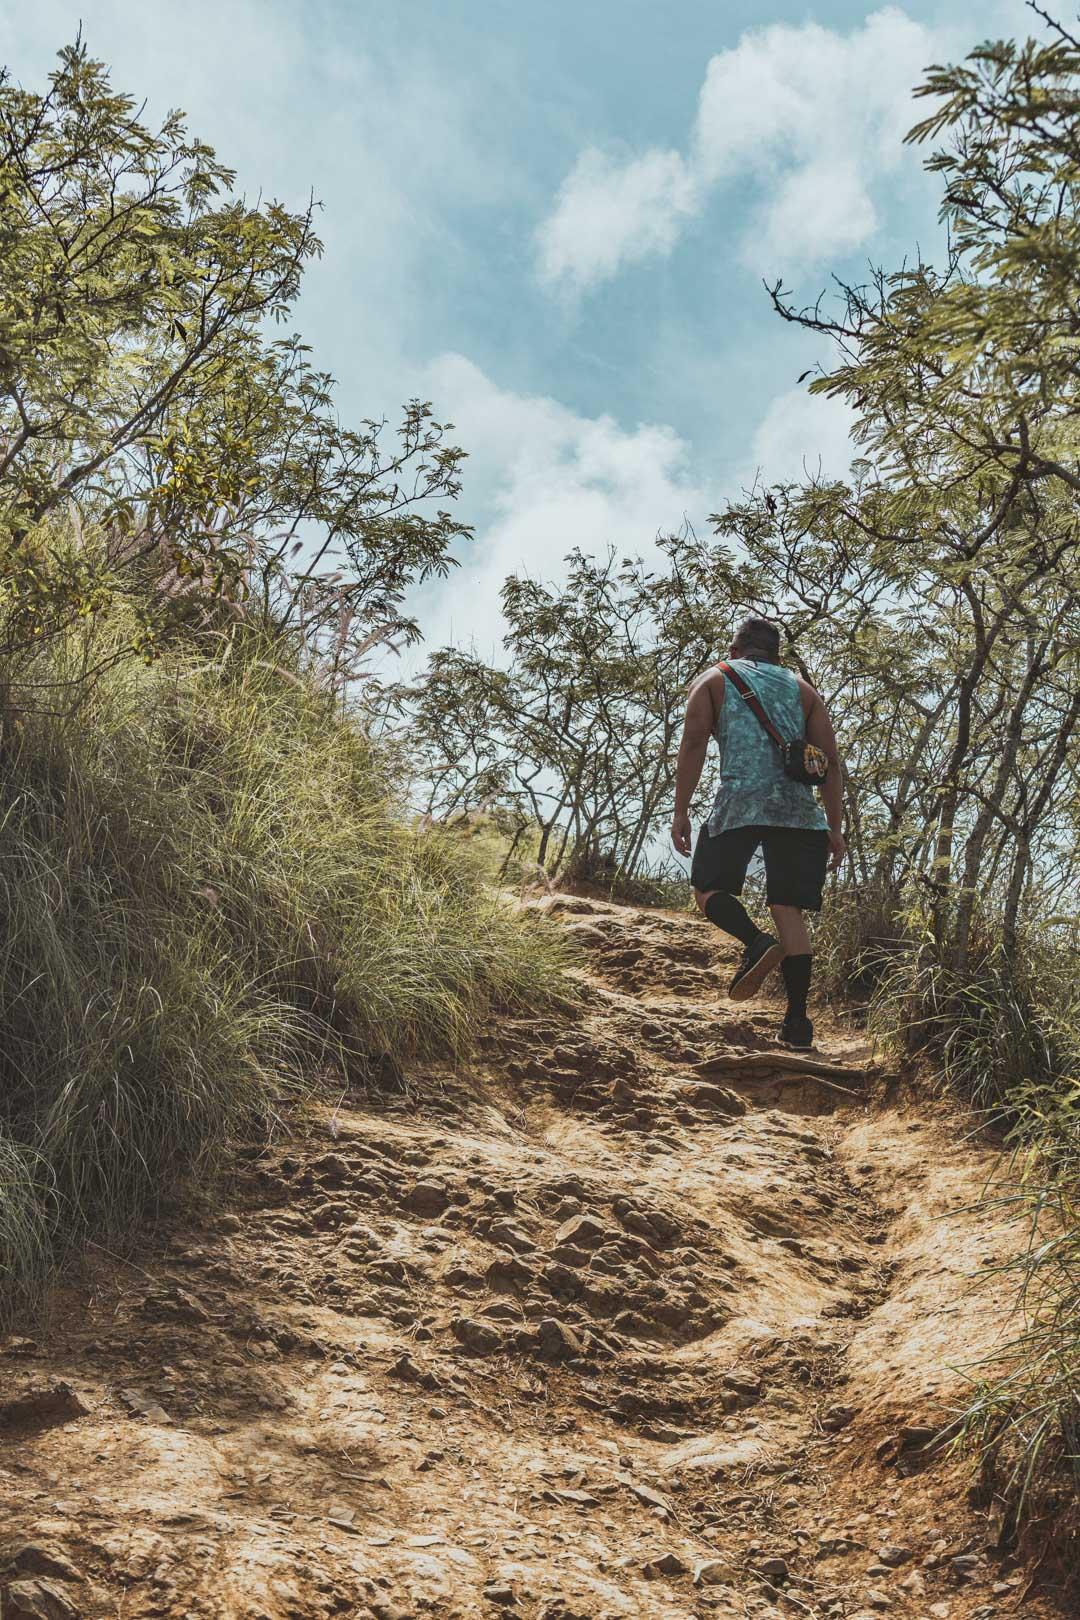 Hiking Up Lanikai Pillbox Trail